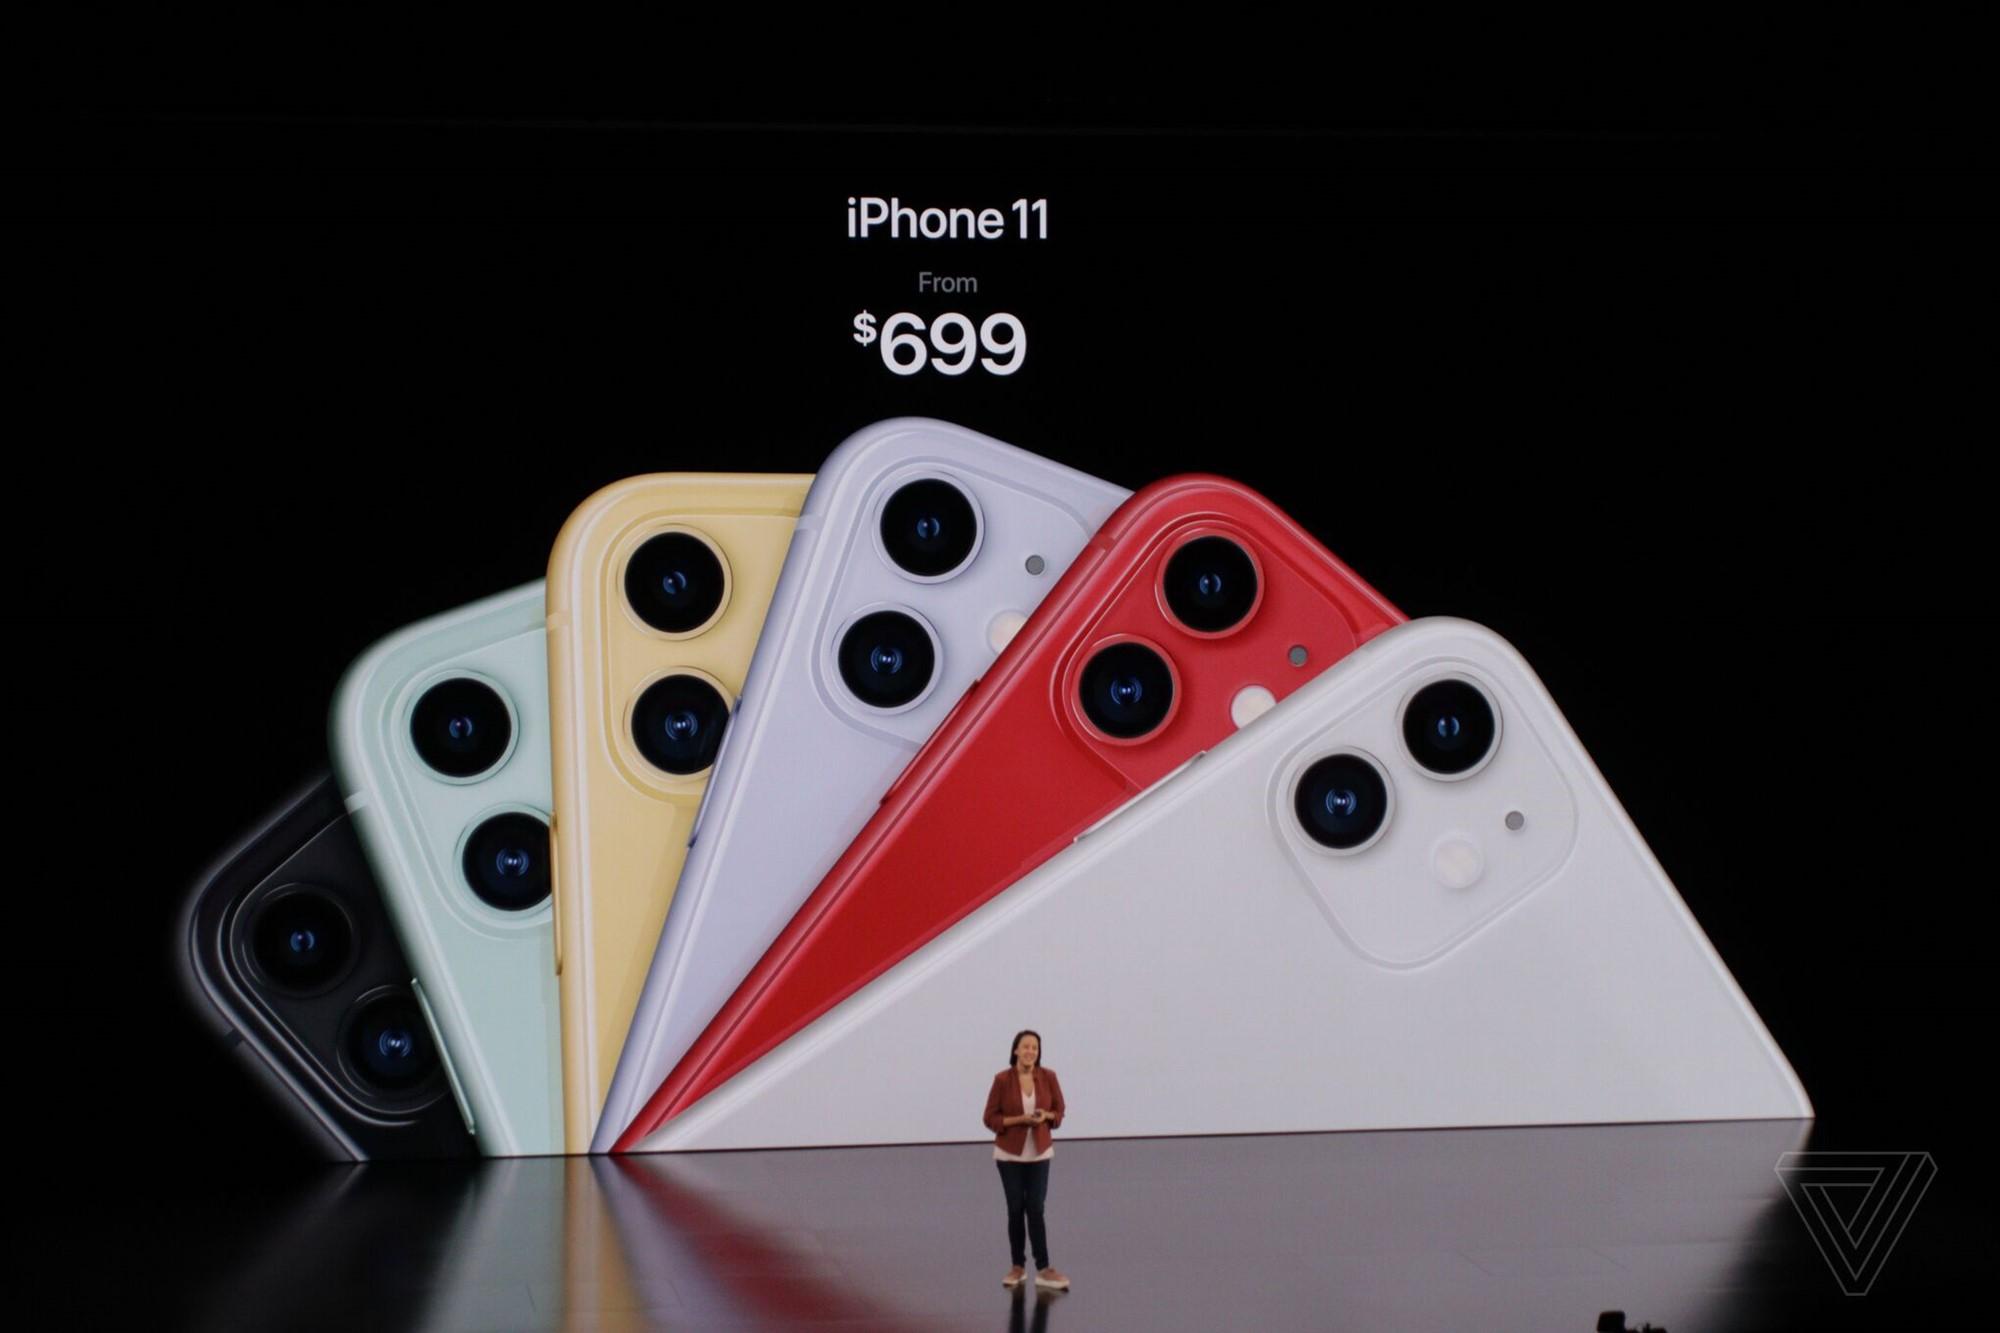 lcimg-611a2106-9461-4401-a60f-cd2d7f8dd5c2-1 Sự kiện công bố Apple iPhone 11 mới: Camera góc siêu rộng 120 độ, pin lớn hơn tới 5h so với iPhone XR, giá chỉ từ 699$